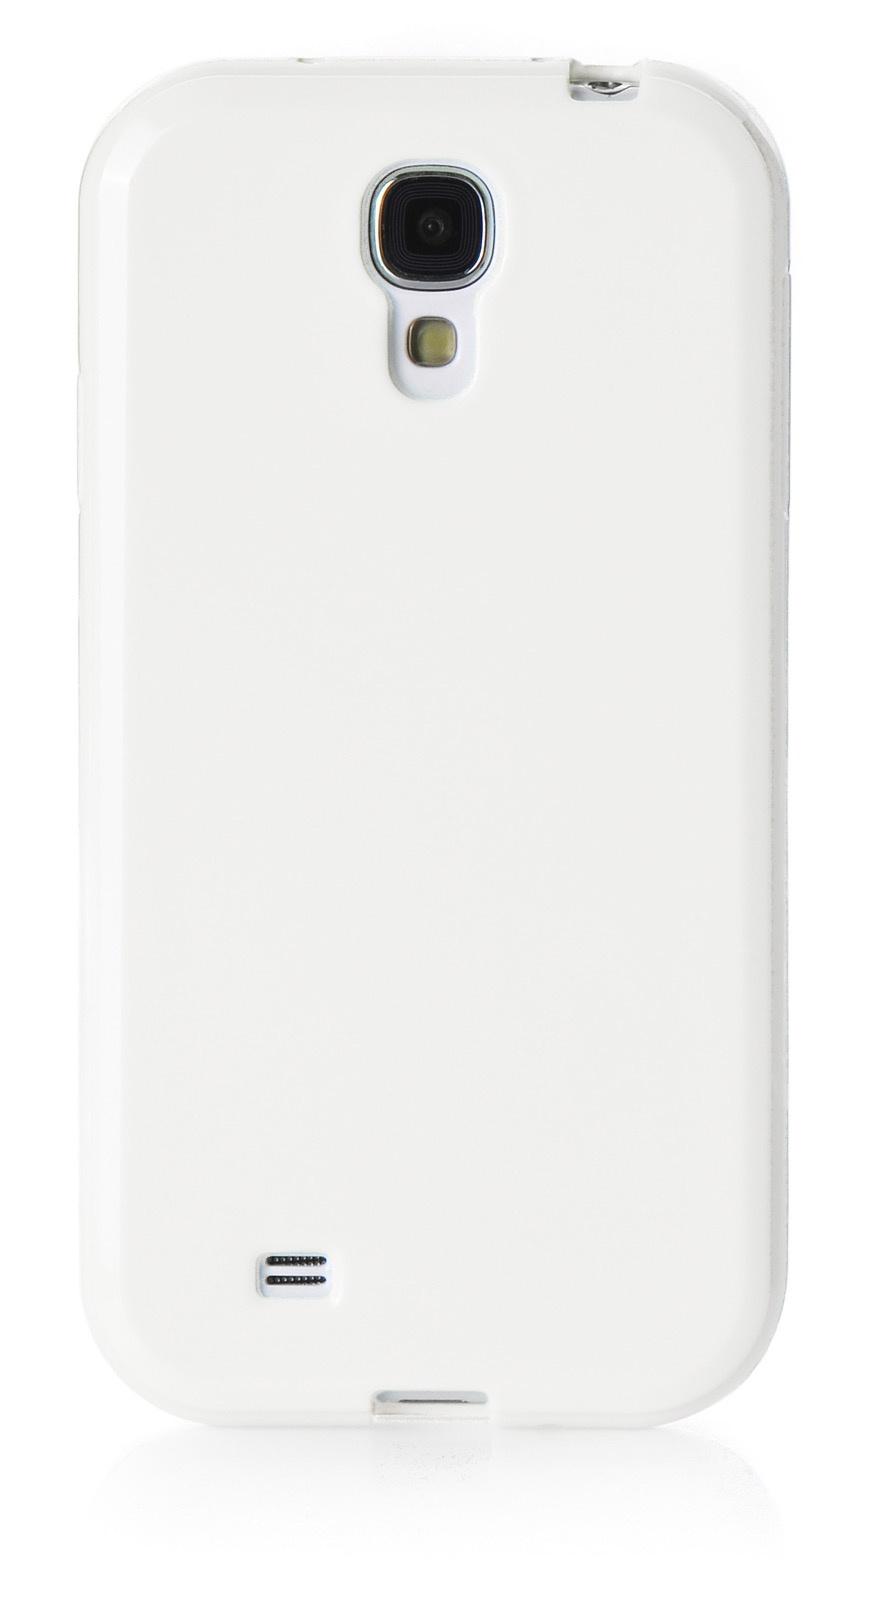 Чехол для сотового телефона iNeez накладка силикон мыльница 450165 для Samsung Galaxy S4, белый